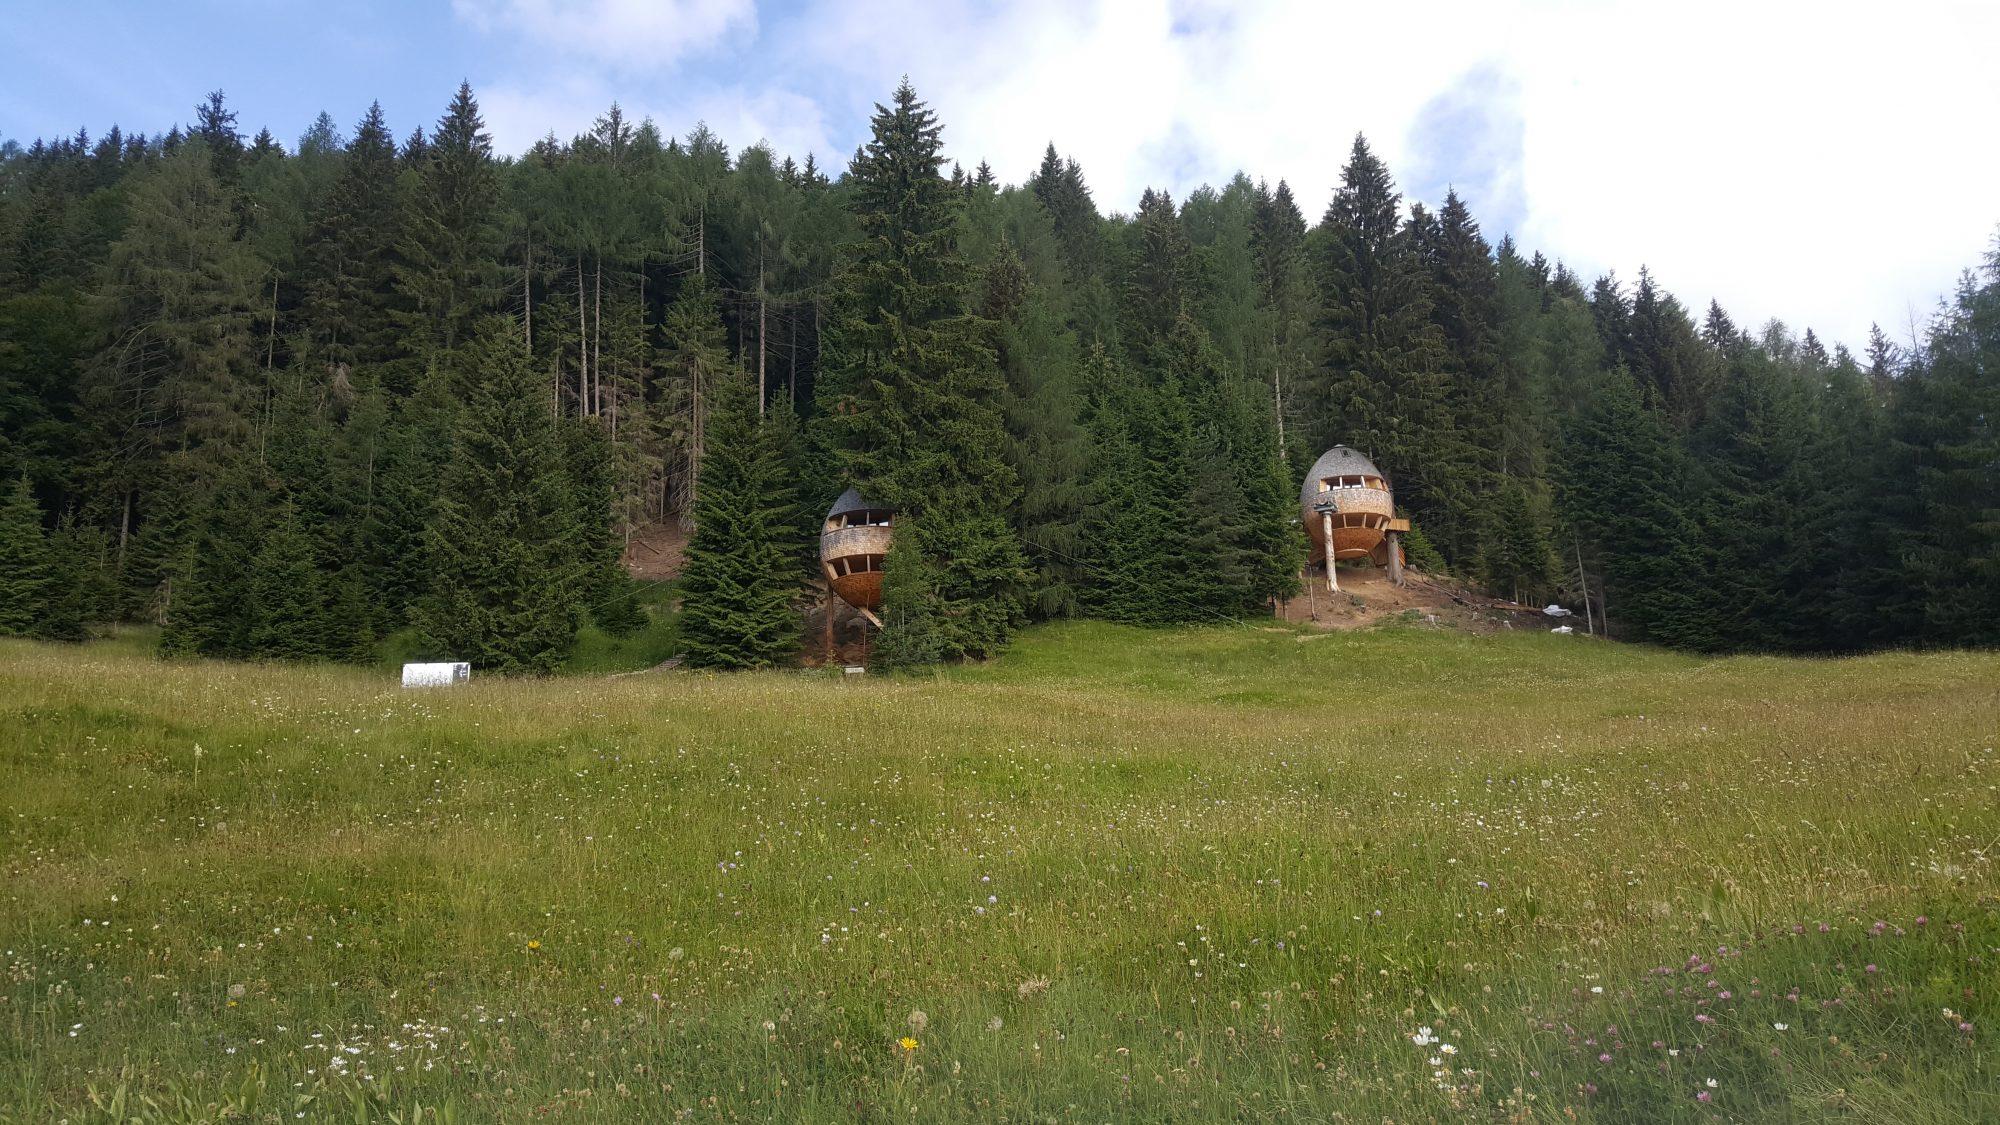 Treehouse of Malga Priu | The Italian Wanderer